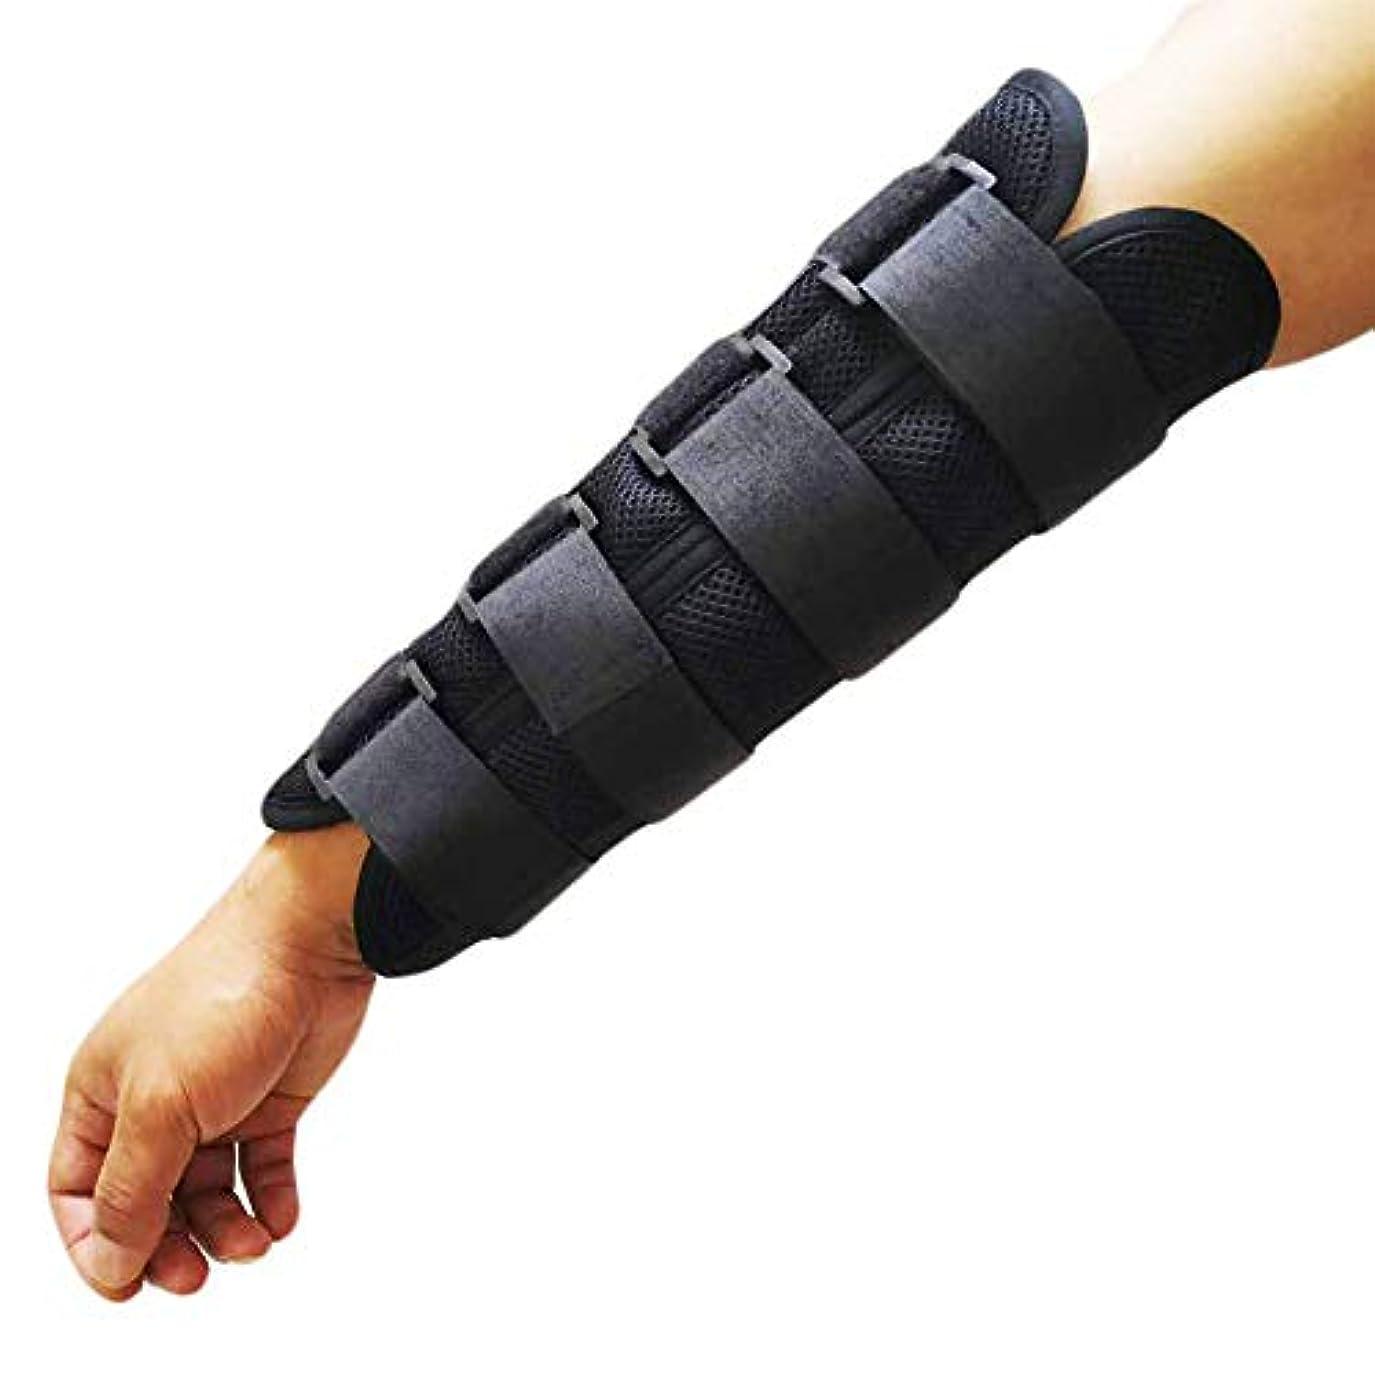 フック検出九月手首と前腕の副木調整可能な前腕の装具 固定サポート捻S、脱臼、関節炎、腱炎のナイトスプリント,S